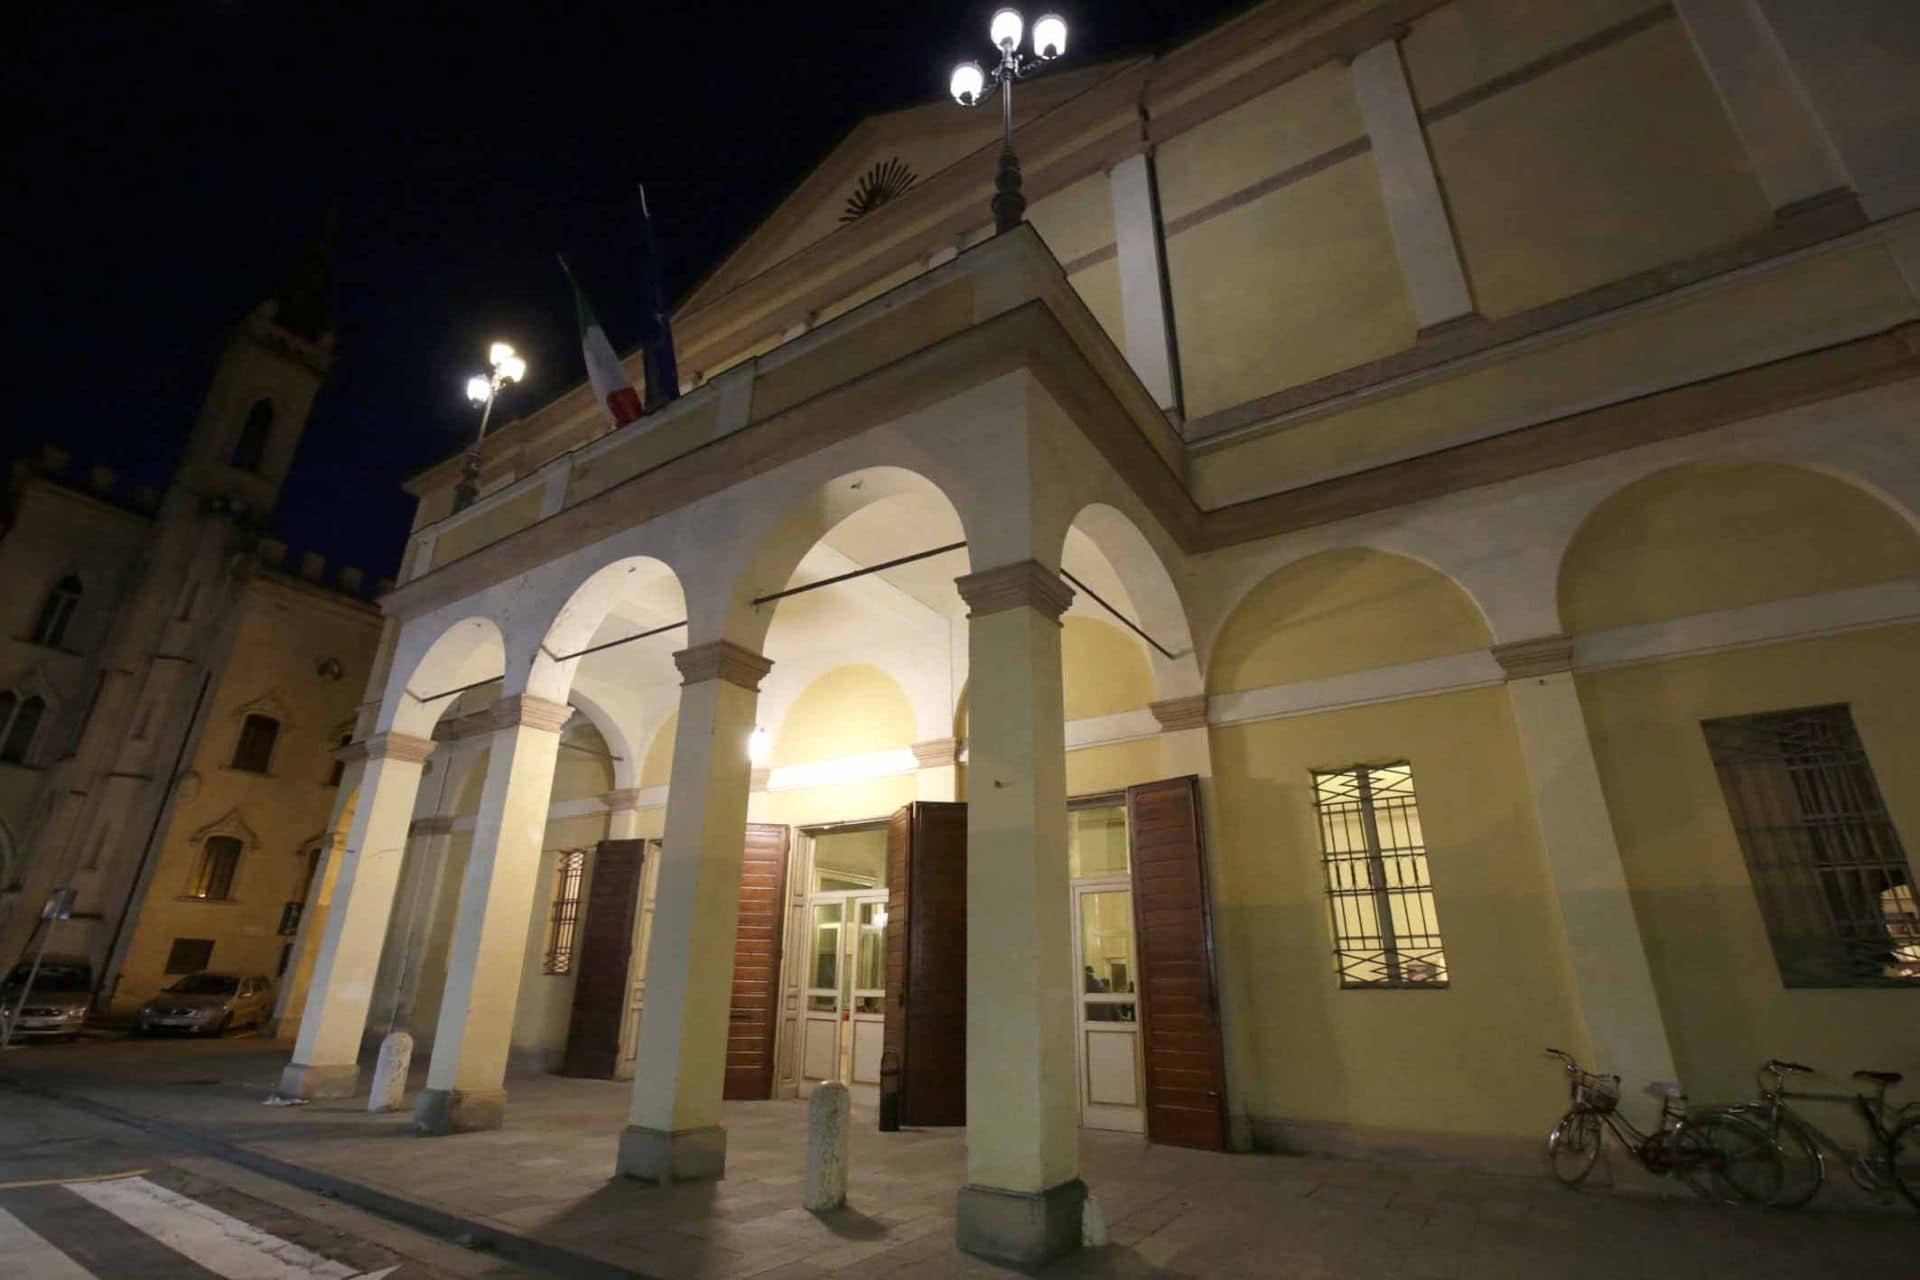 Teatro Ariosto - Reggio Emilia